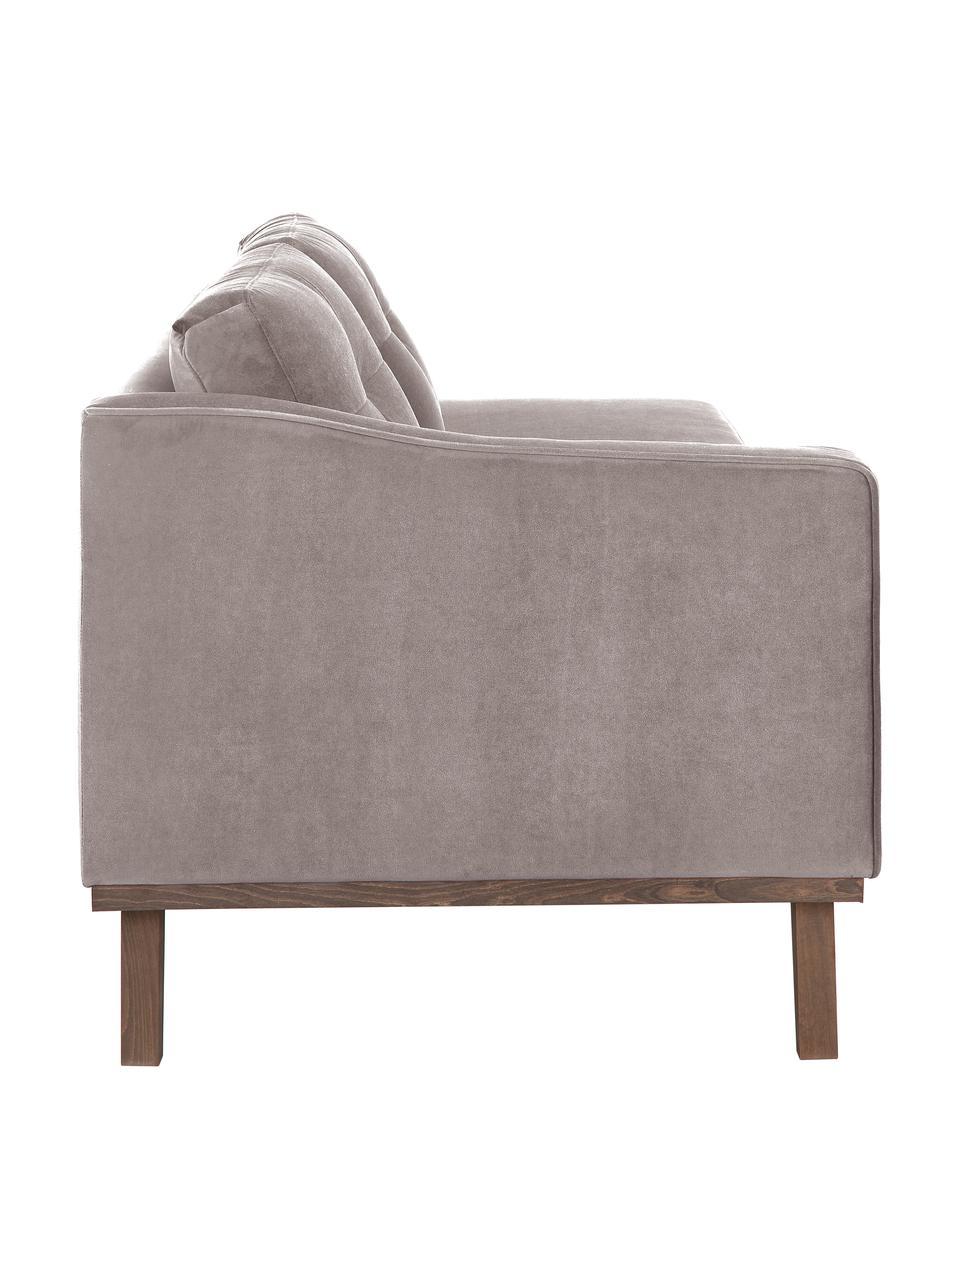 Fluwelen chaise longue Alva in taupe met beukenhout-poten, Bekleding: fluweel (hoogwaardig poly, Frame: massief grenenhout, Poten: massief gebeitst beukenho, Taupe, B 193 x D 94 cm